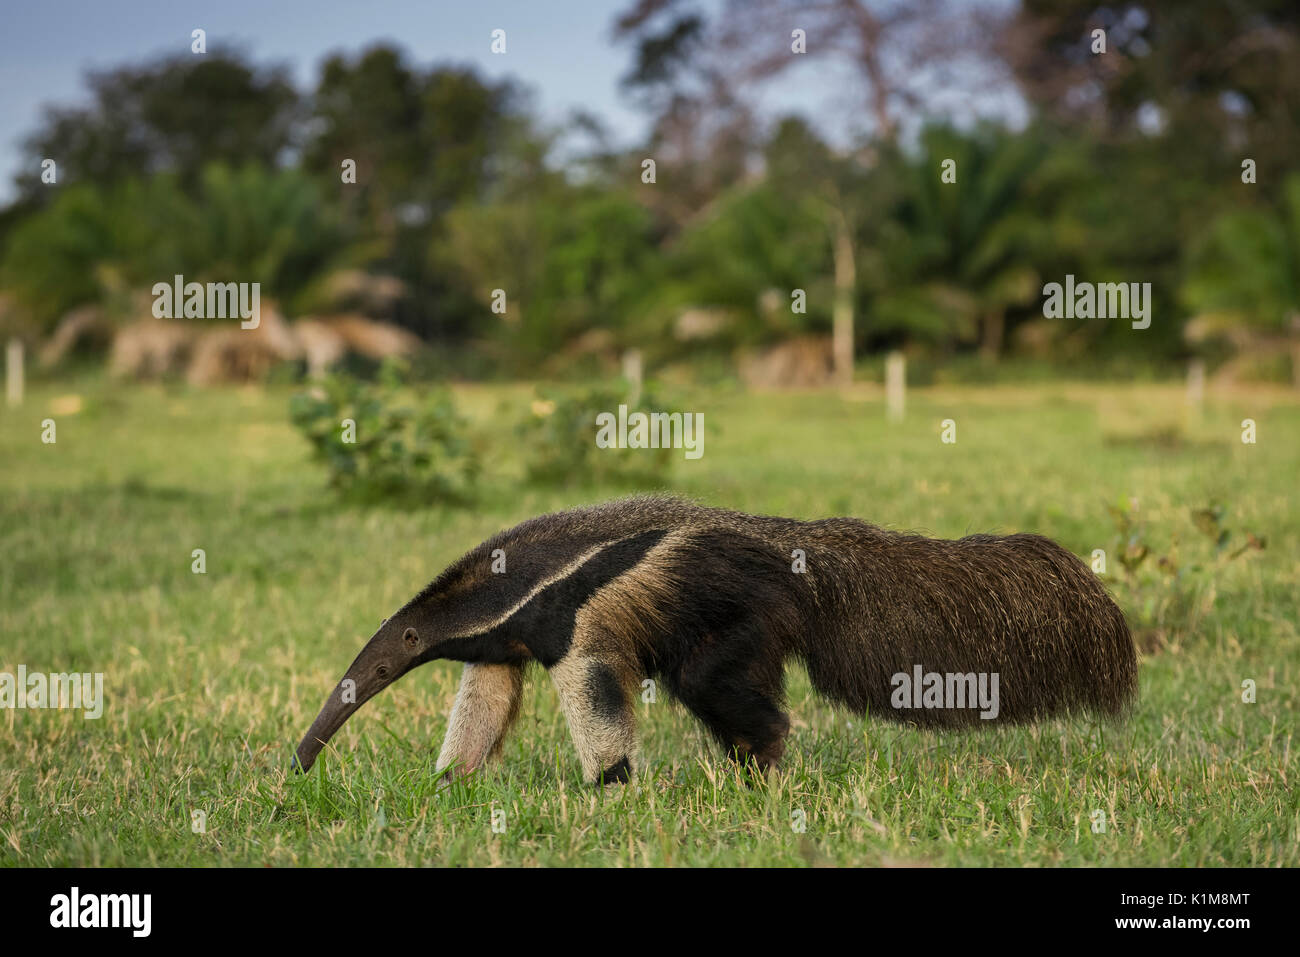 Oso hormiguero gigante (Myrmecophaga tridactyla) en su hábitat, el Pantanal de Mato Grosso, Mato Grosso do Sul, Brasil Imagen De Stock